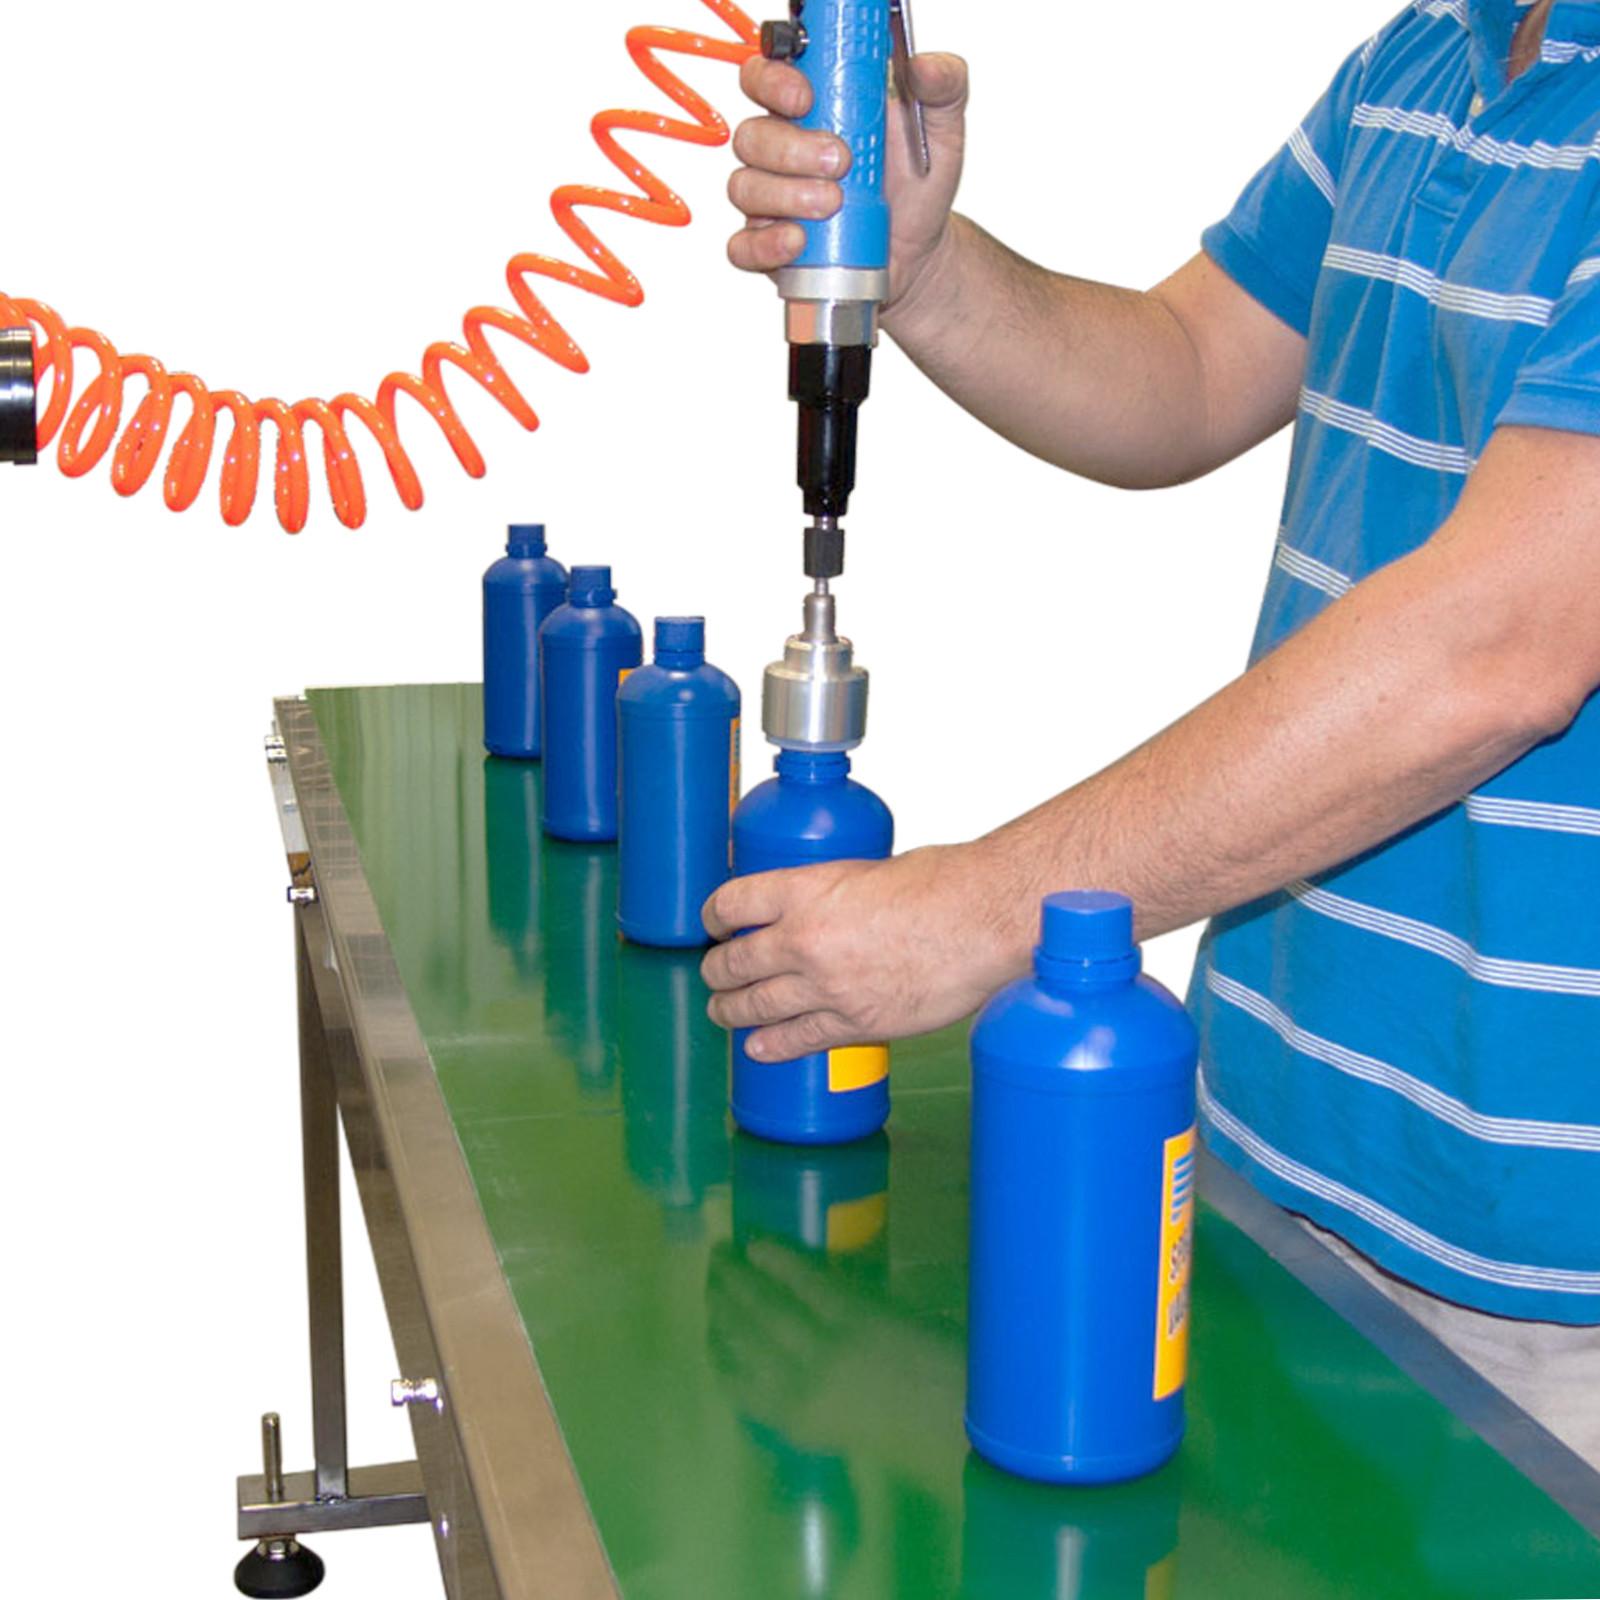 Máquina tapadora manual de botellas neumática - Modelo - CAPPER-MANUAL